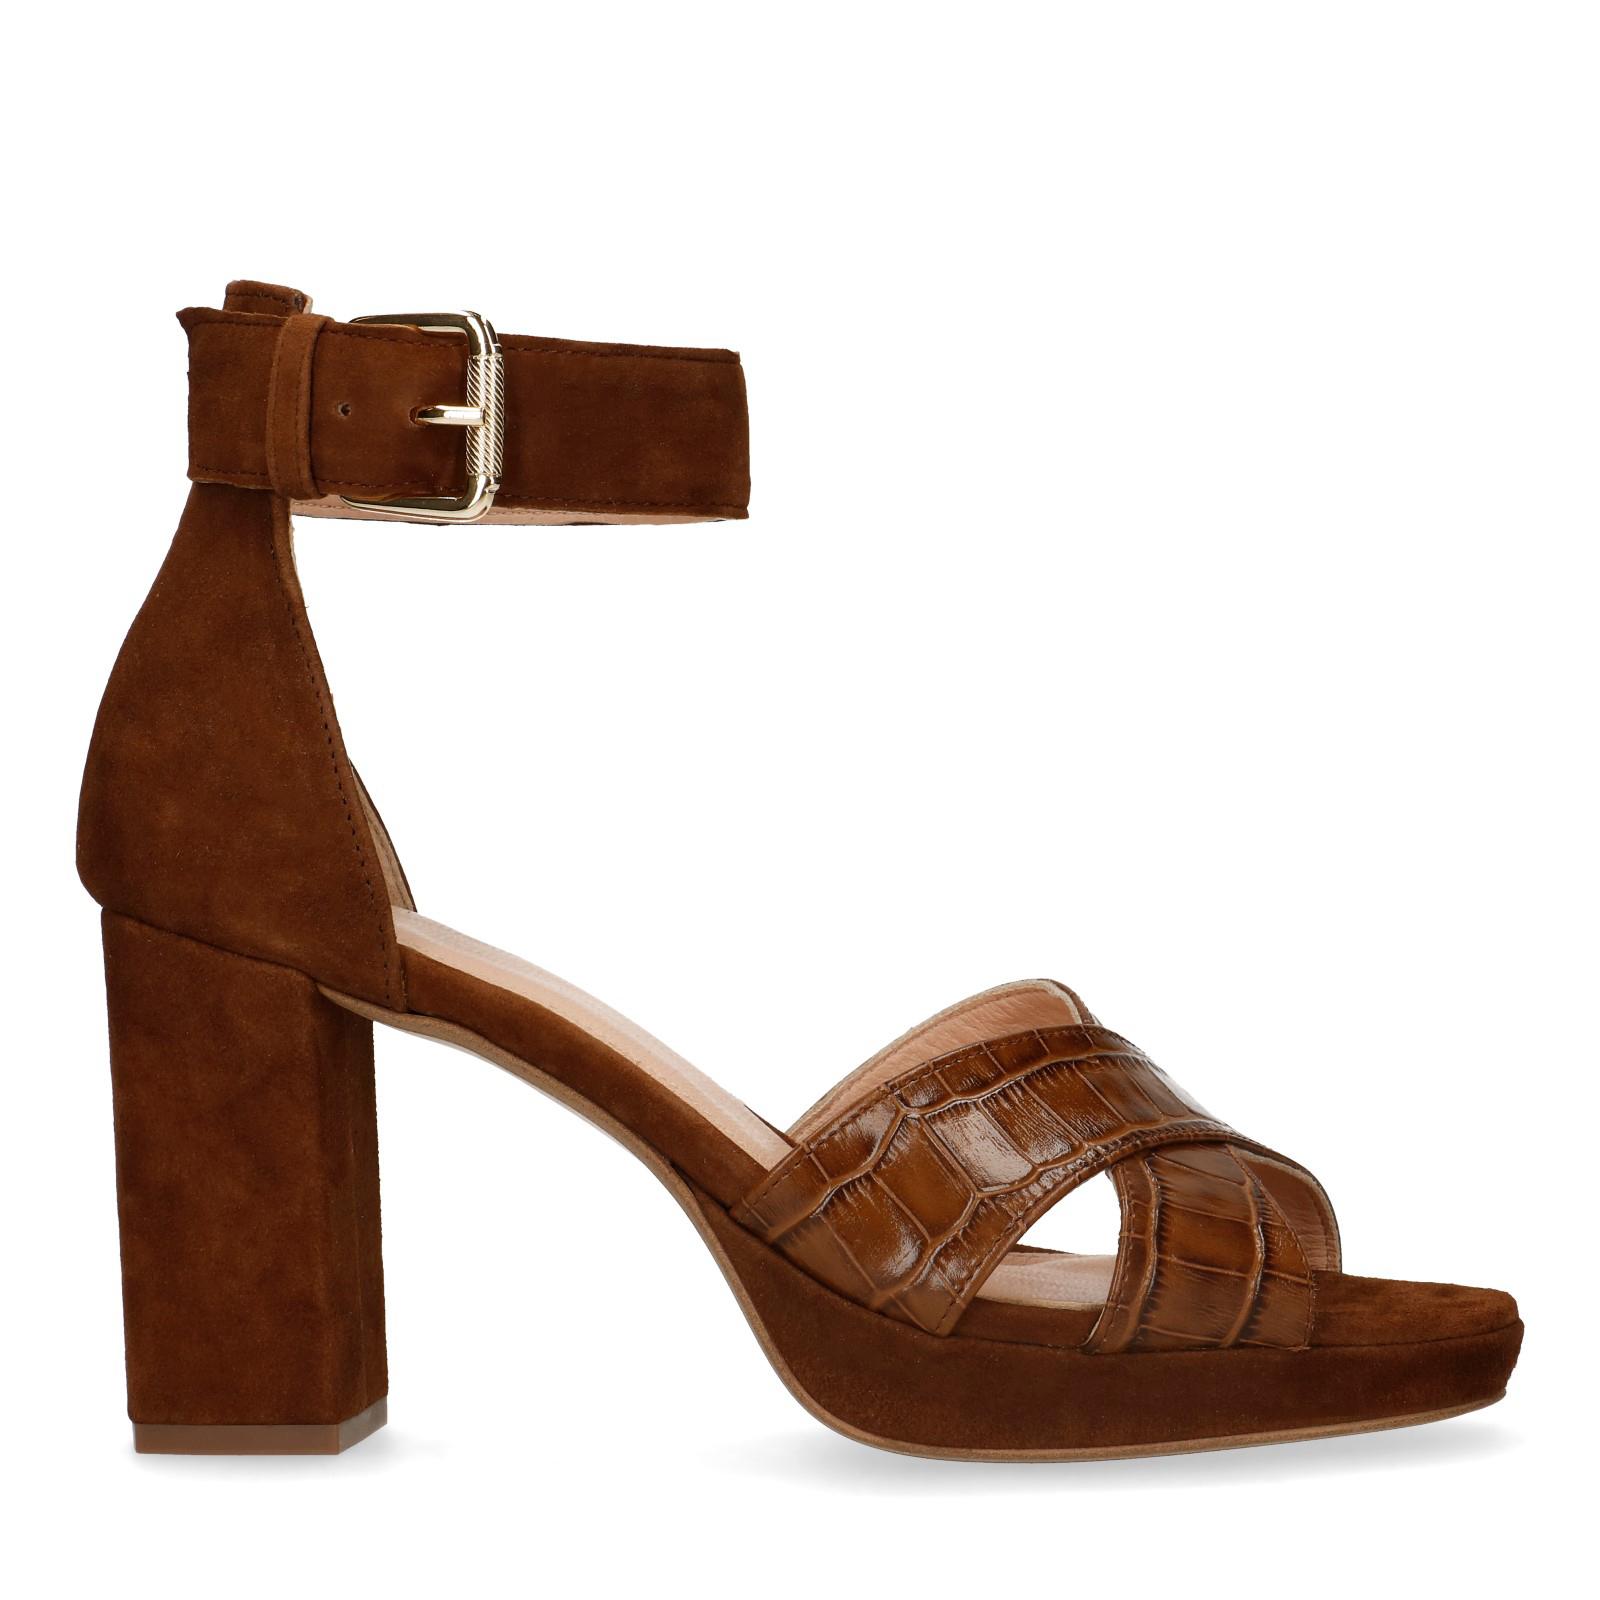 Leren sandalen met hoge hak -60% [waren €89,99]